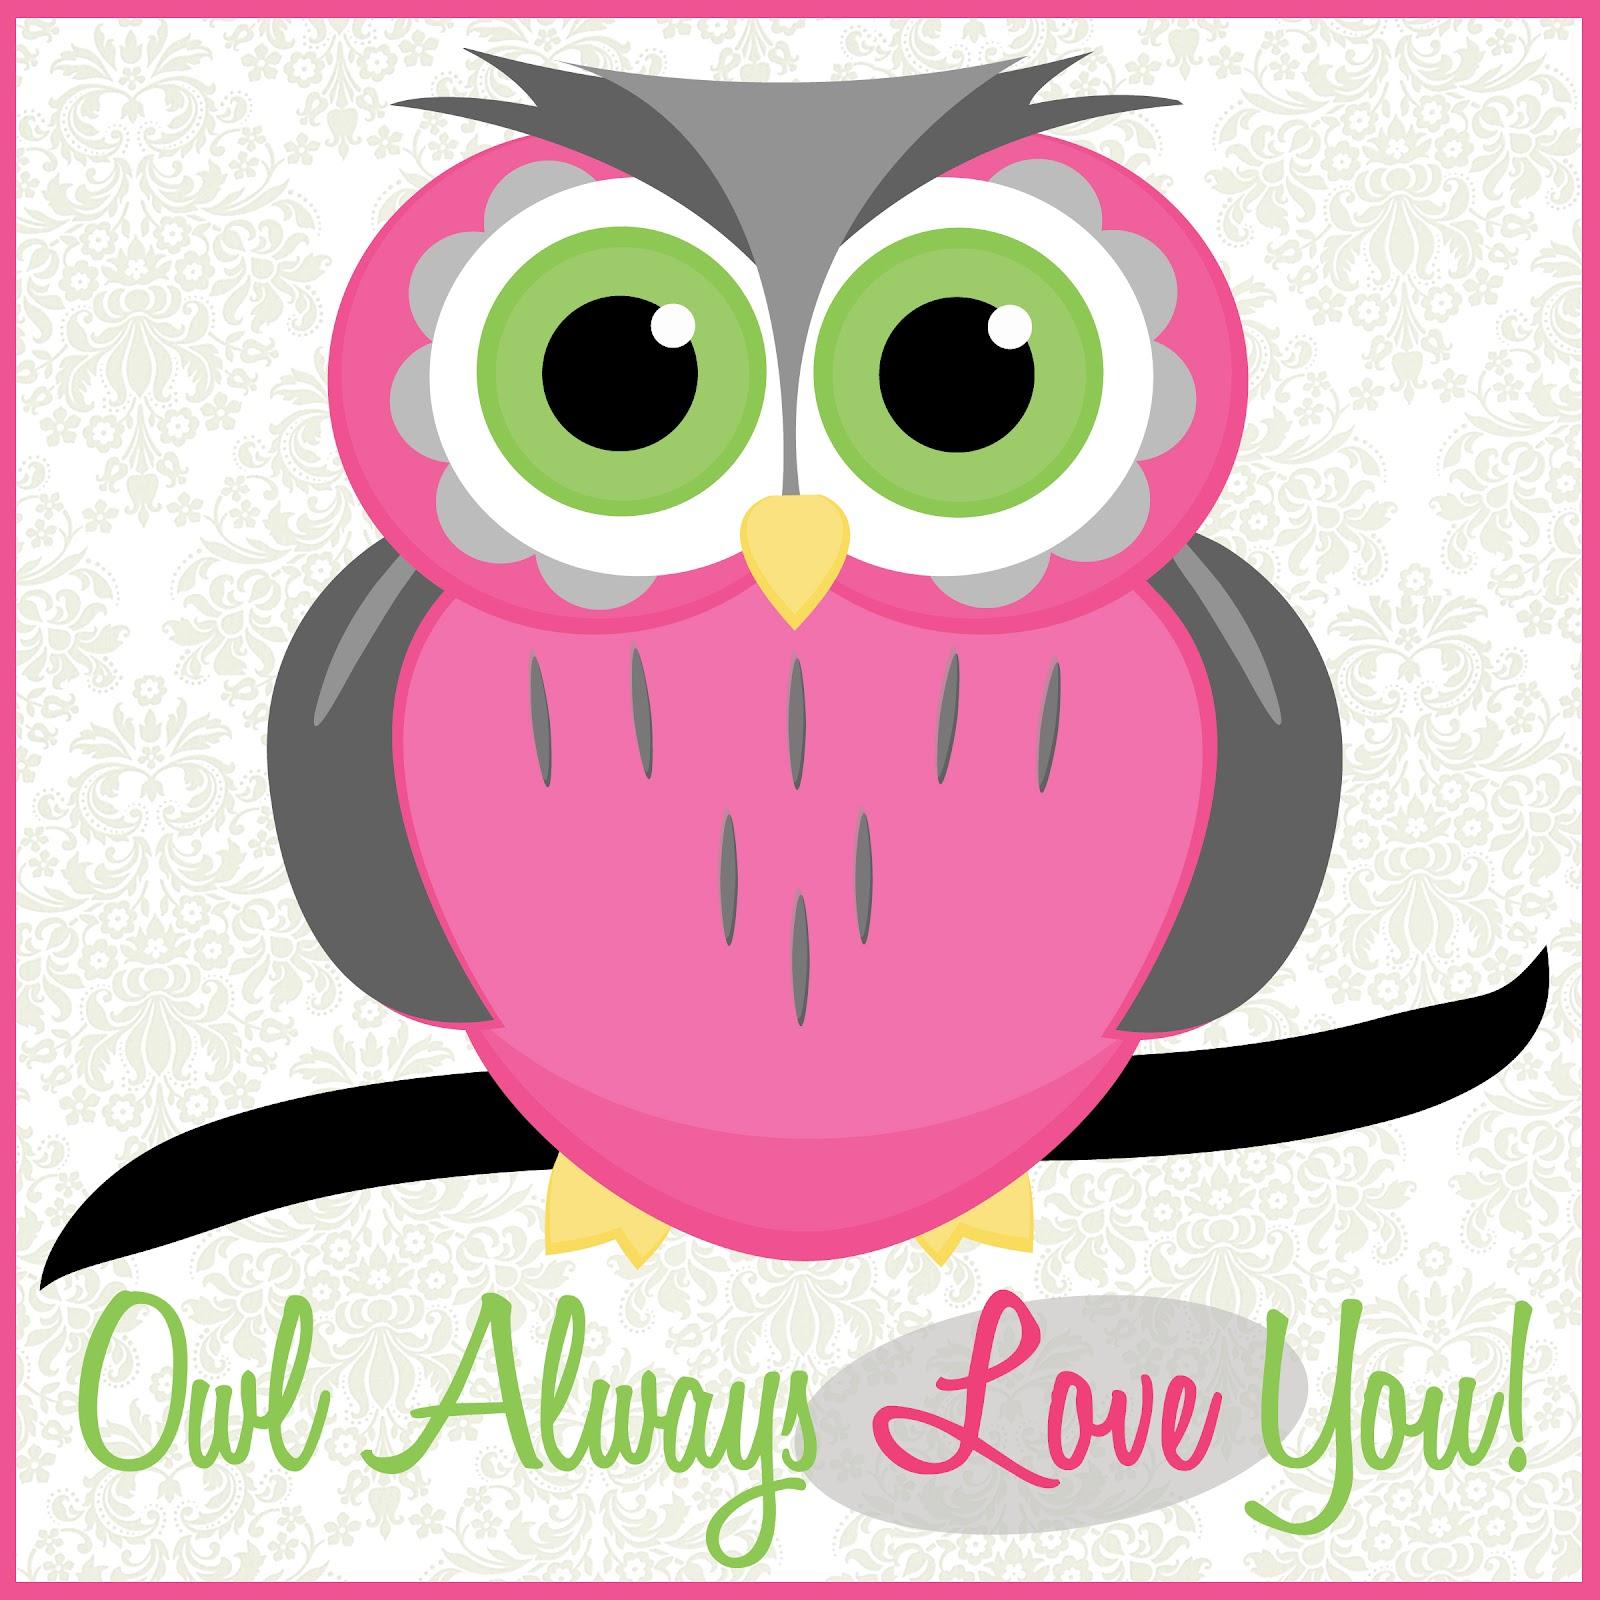 kane blog picz: Wallpaper Owl Cartoon